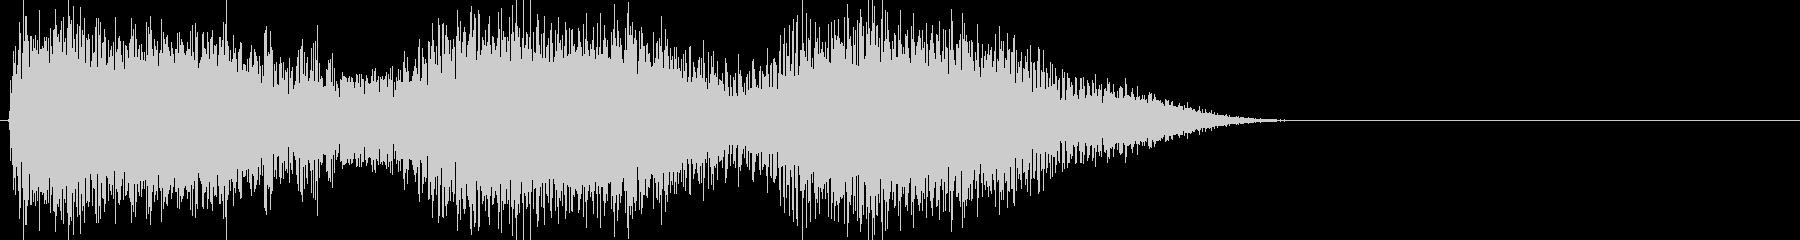 ワープの音、映画とゲームの効果音の未再生の波形